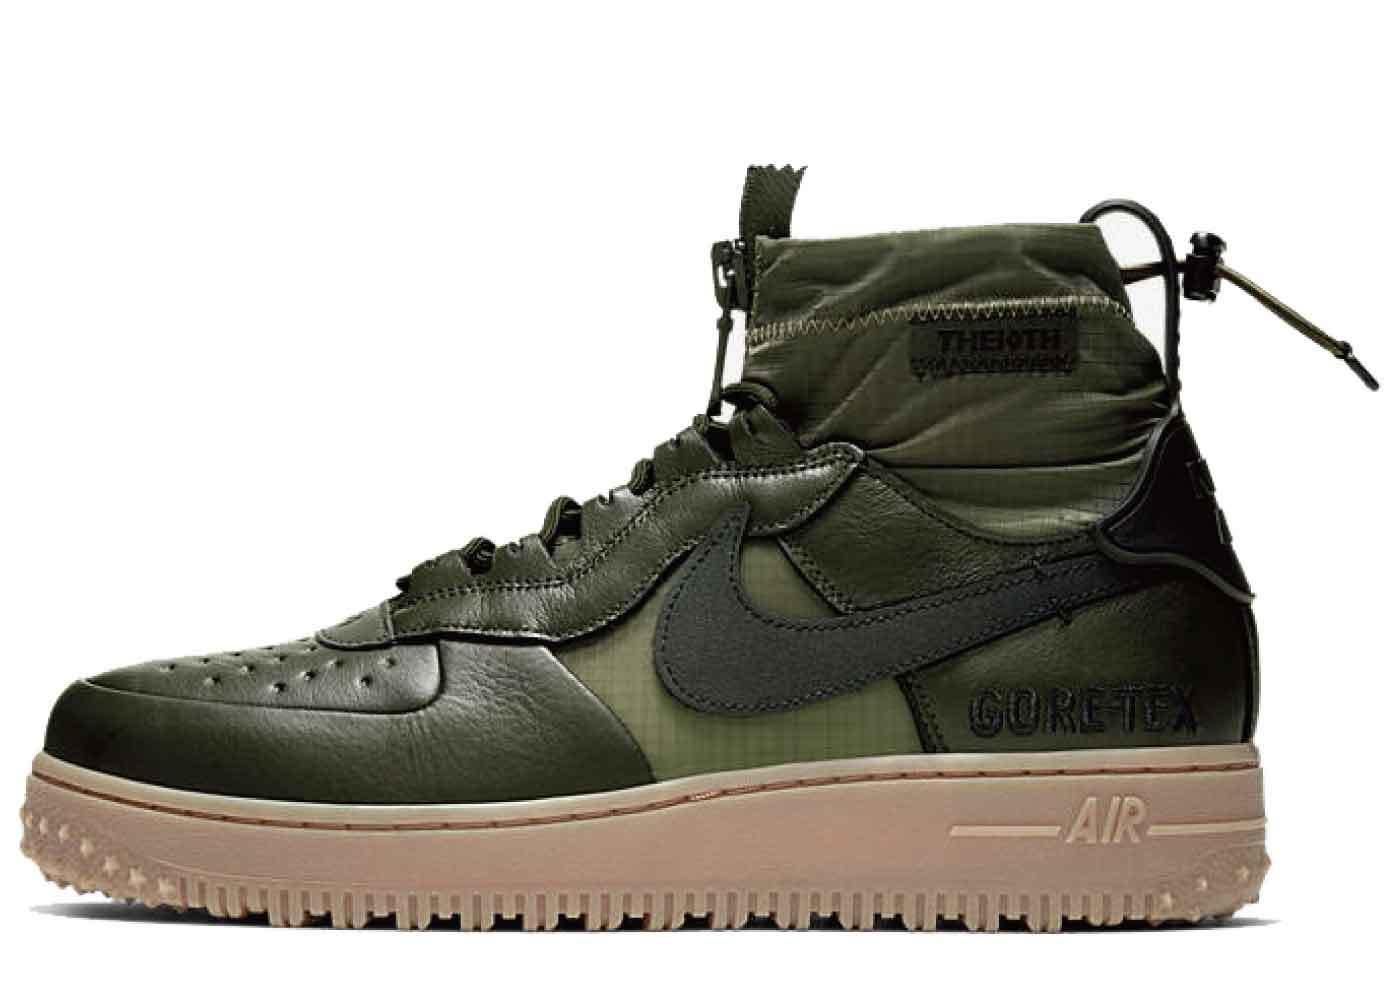 Nike Air Force 1 High Gore-Tex Sequoia